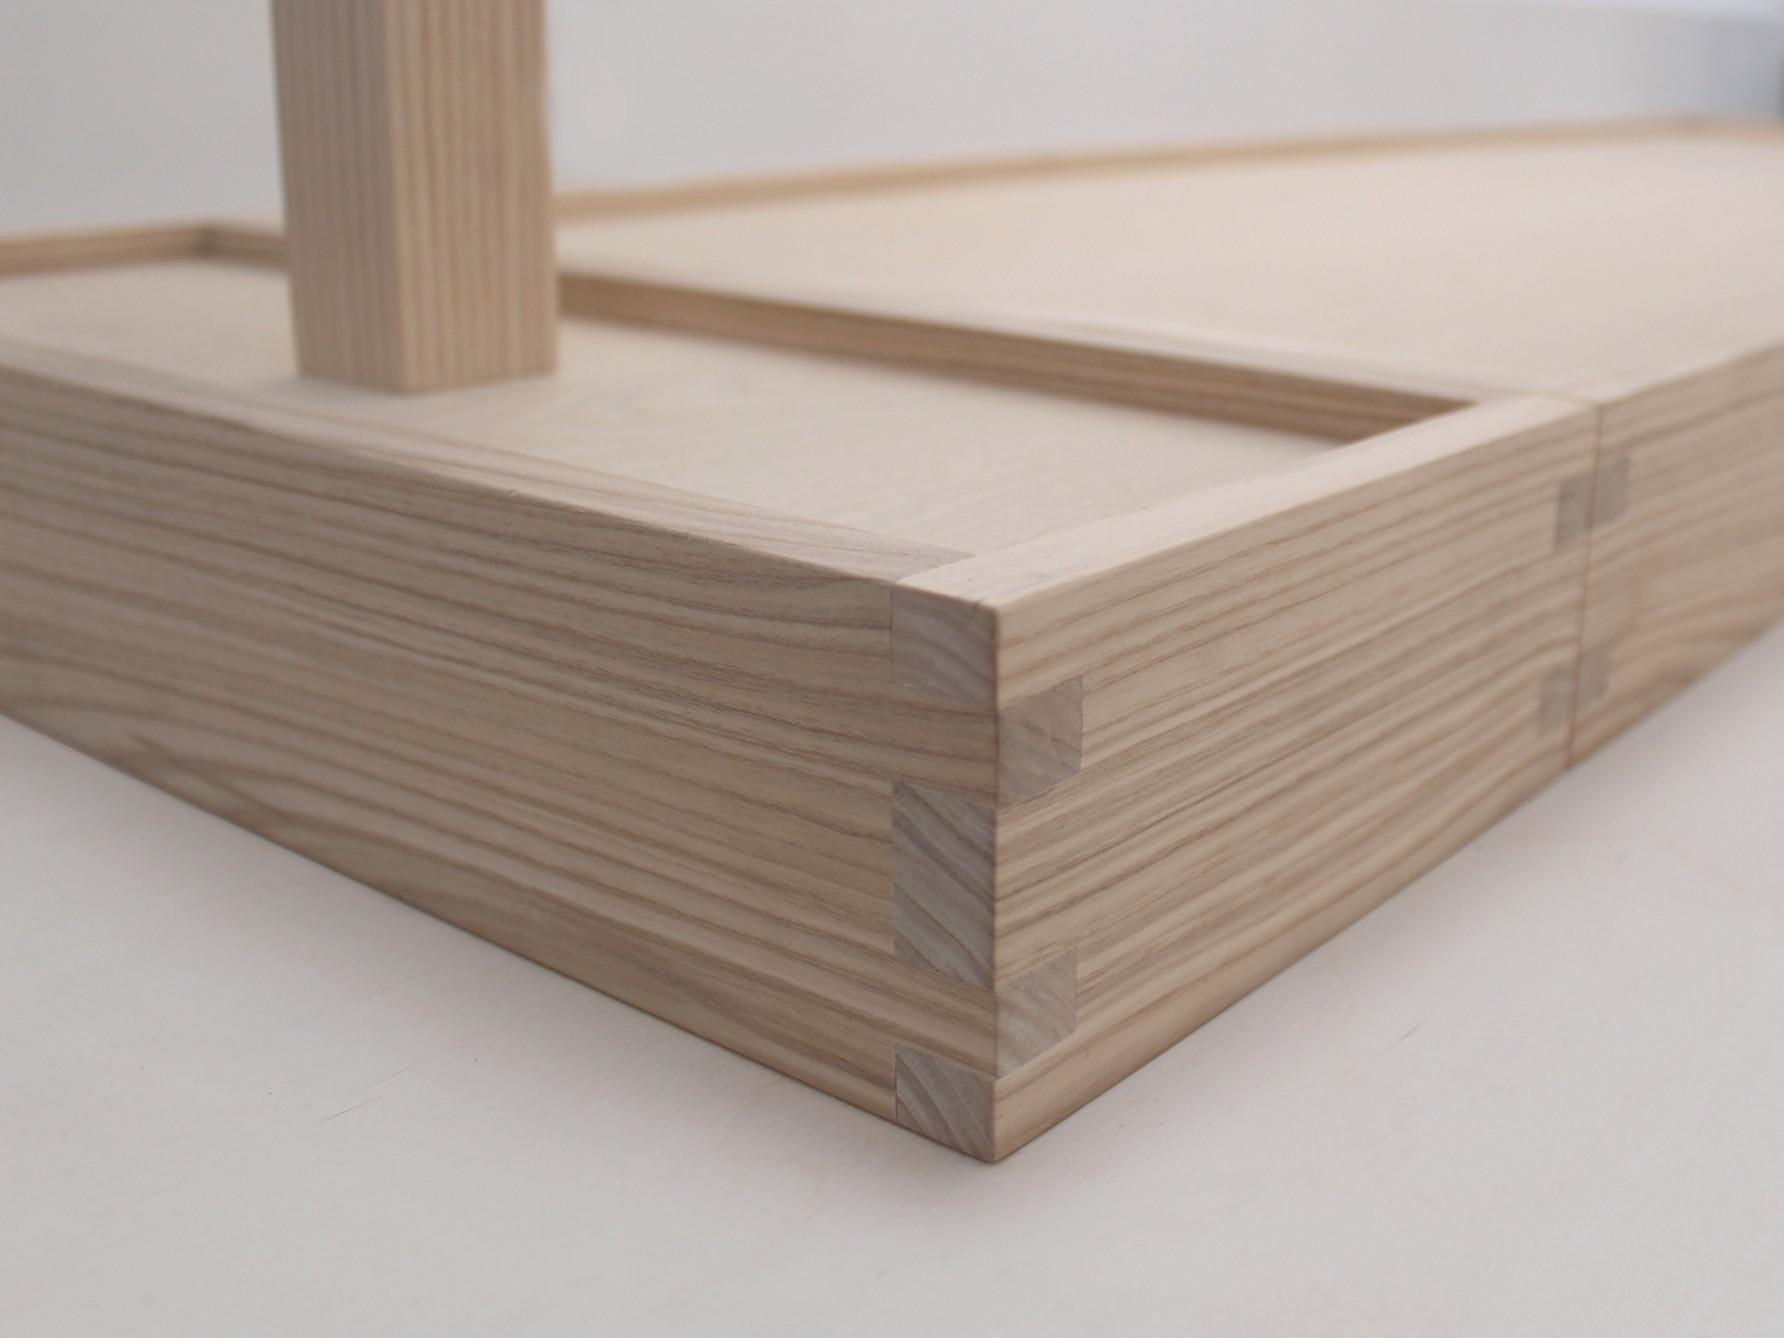 portant bois 4 blog d co design. Black Bedroom Furniture Sets. Home Design Ideas